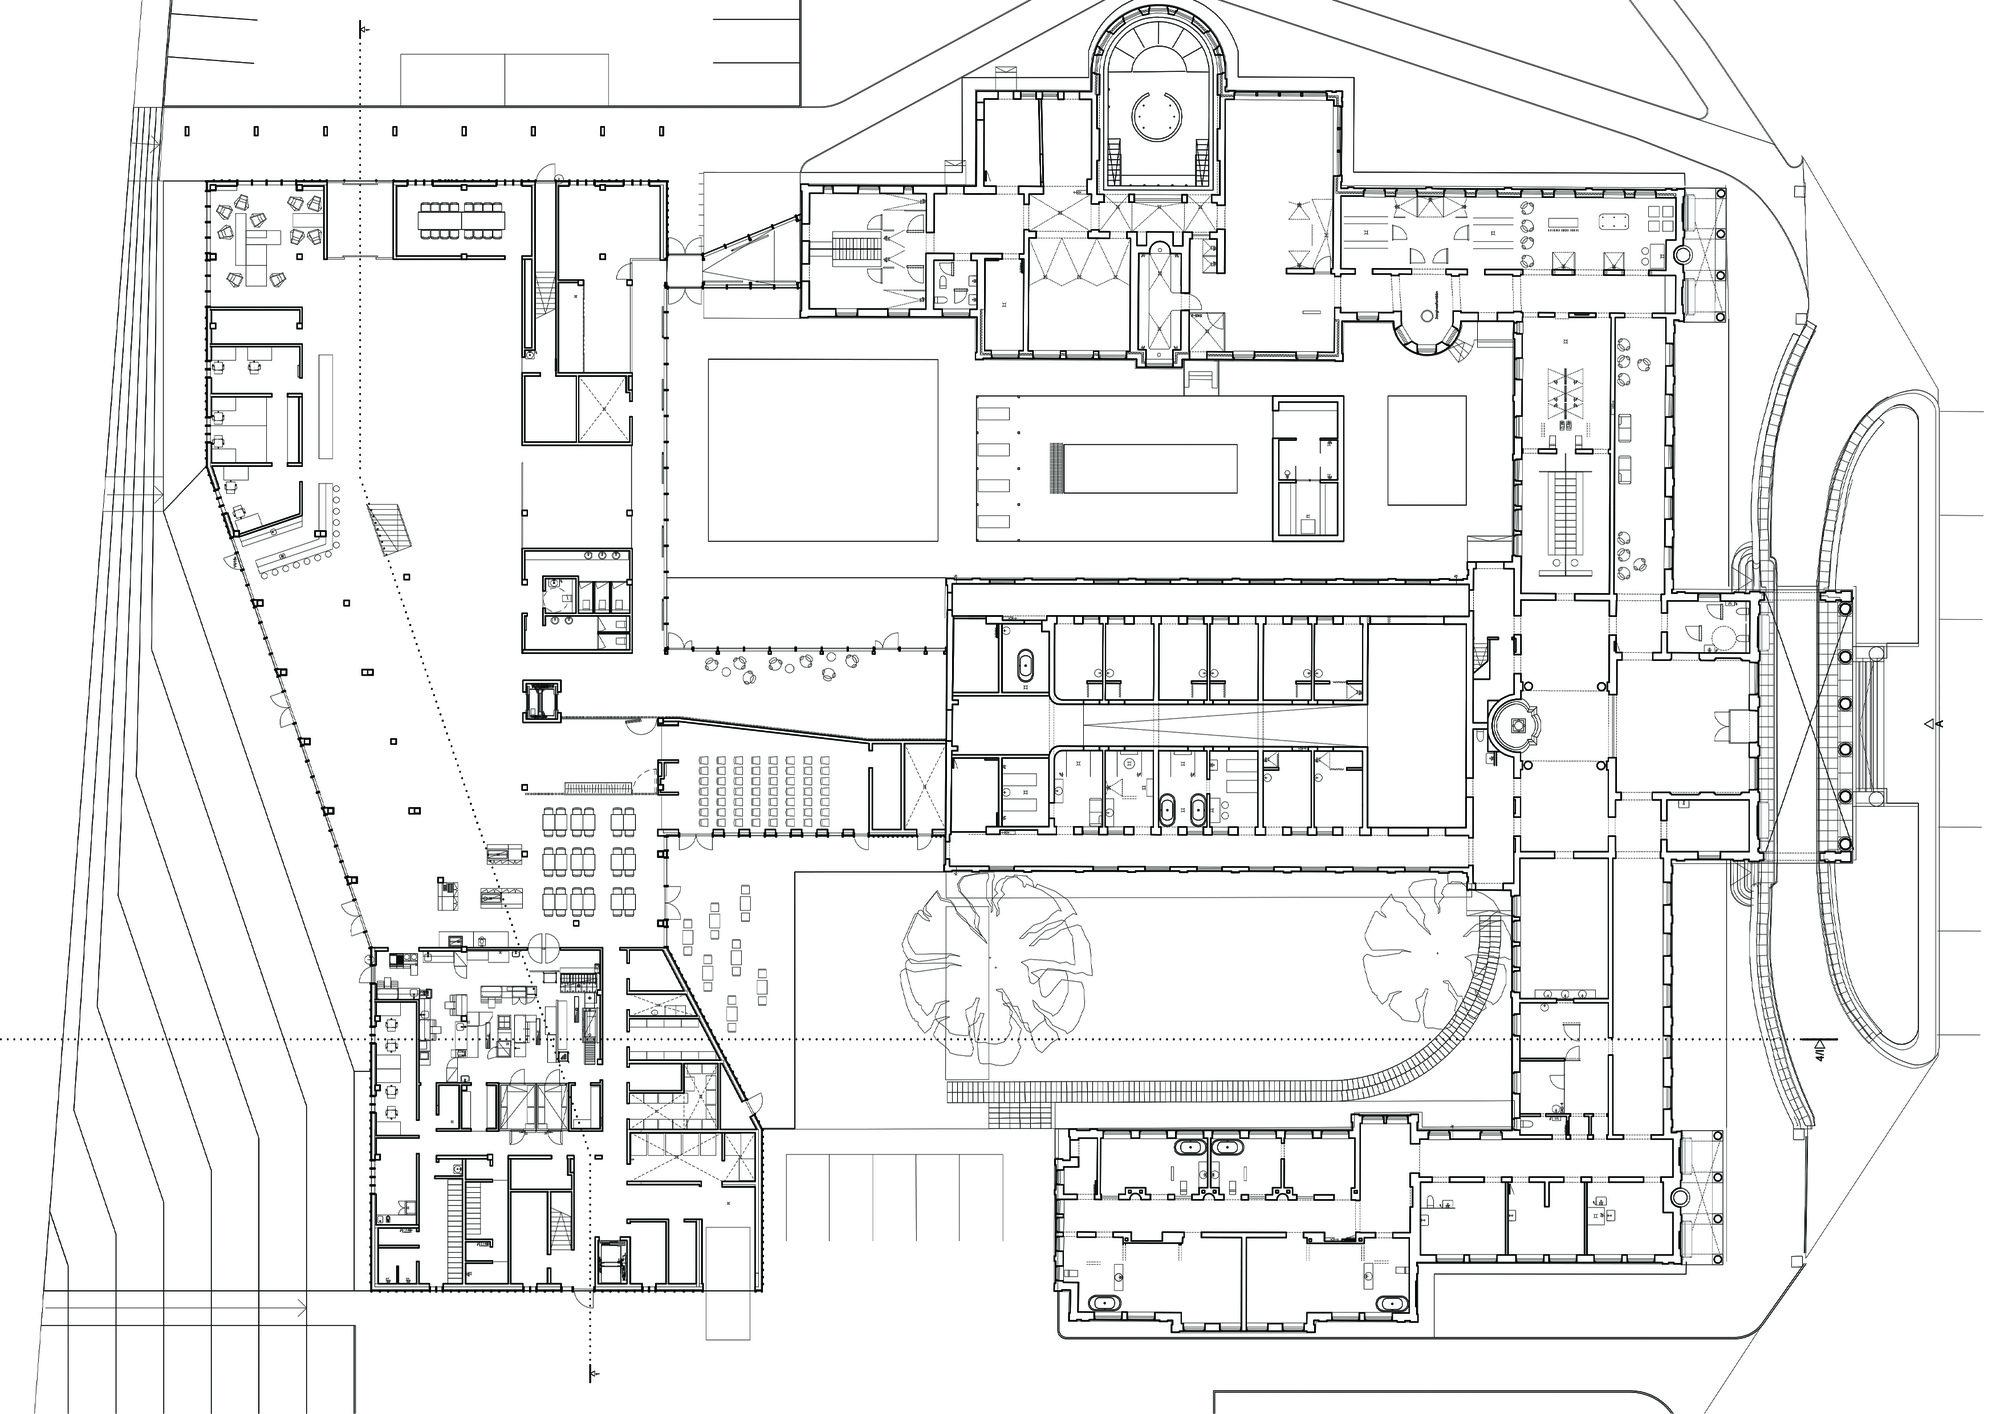 Plano de la planta baja